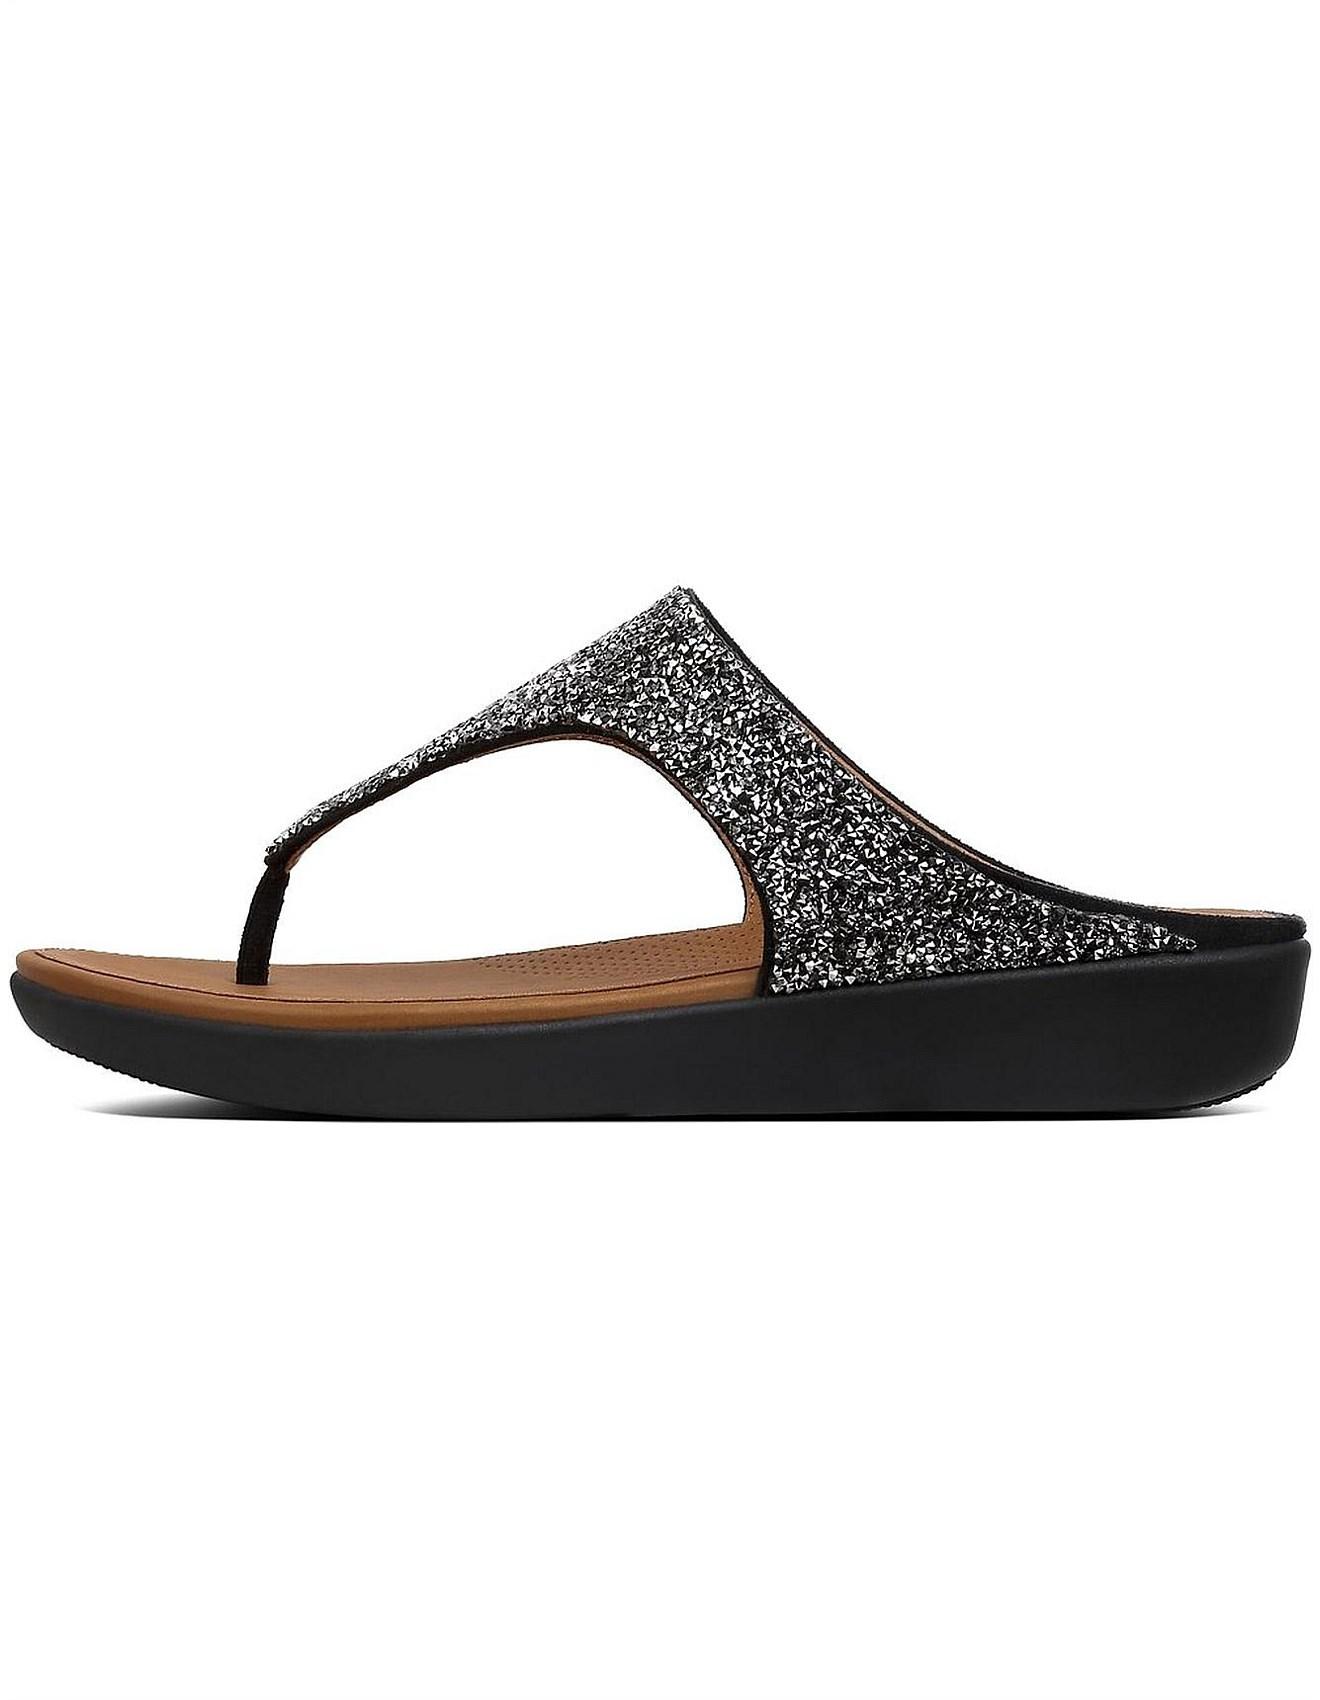 f19db1241a8008 Women s Sandals